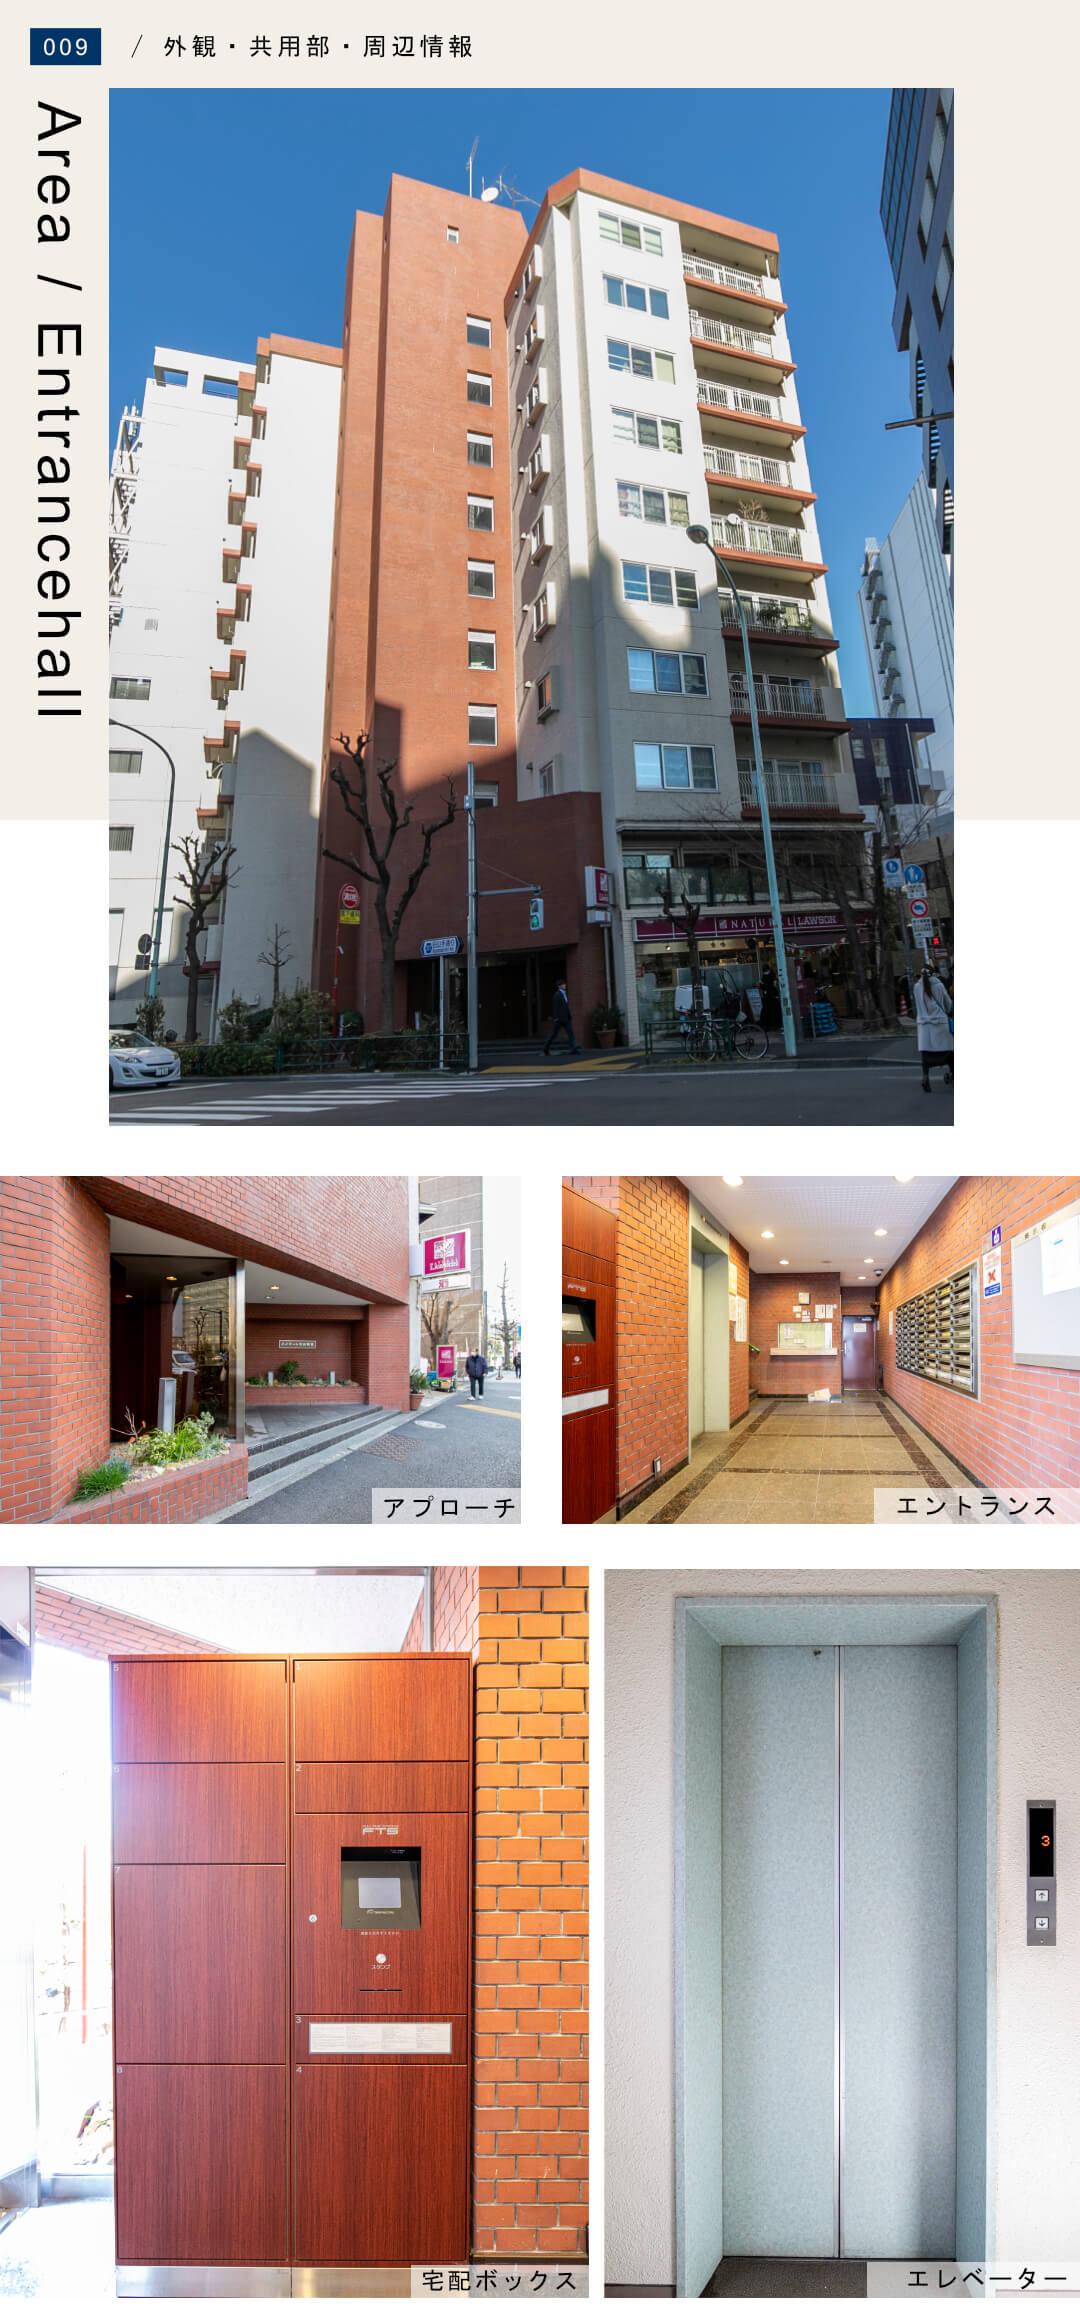 ハイマート渋谷神泉 302の外観・共用部